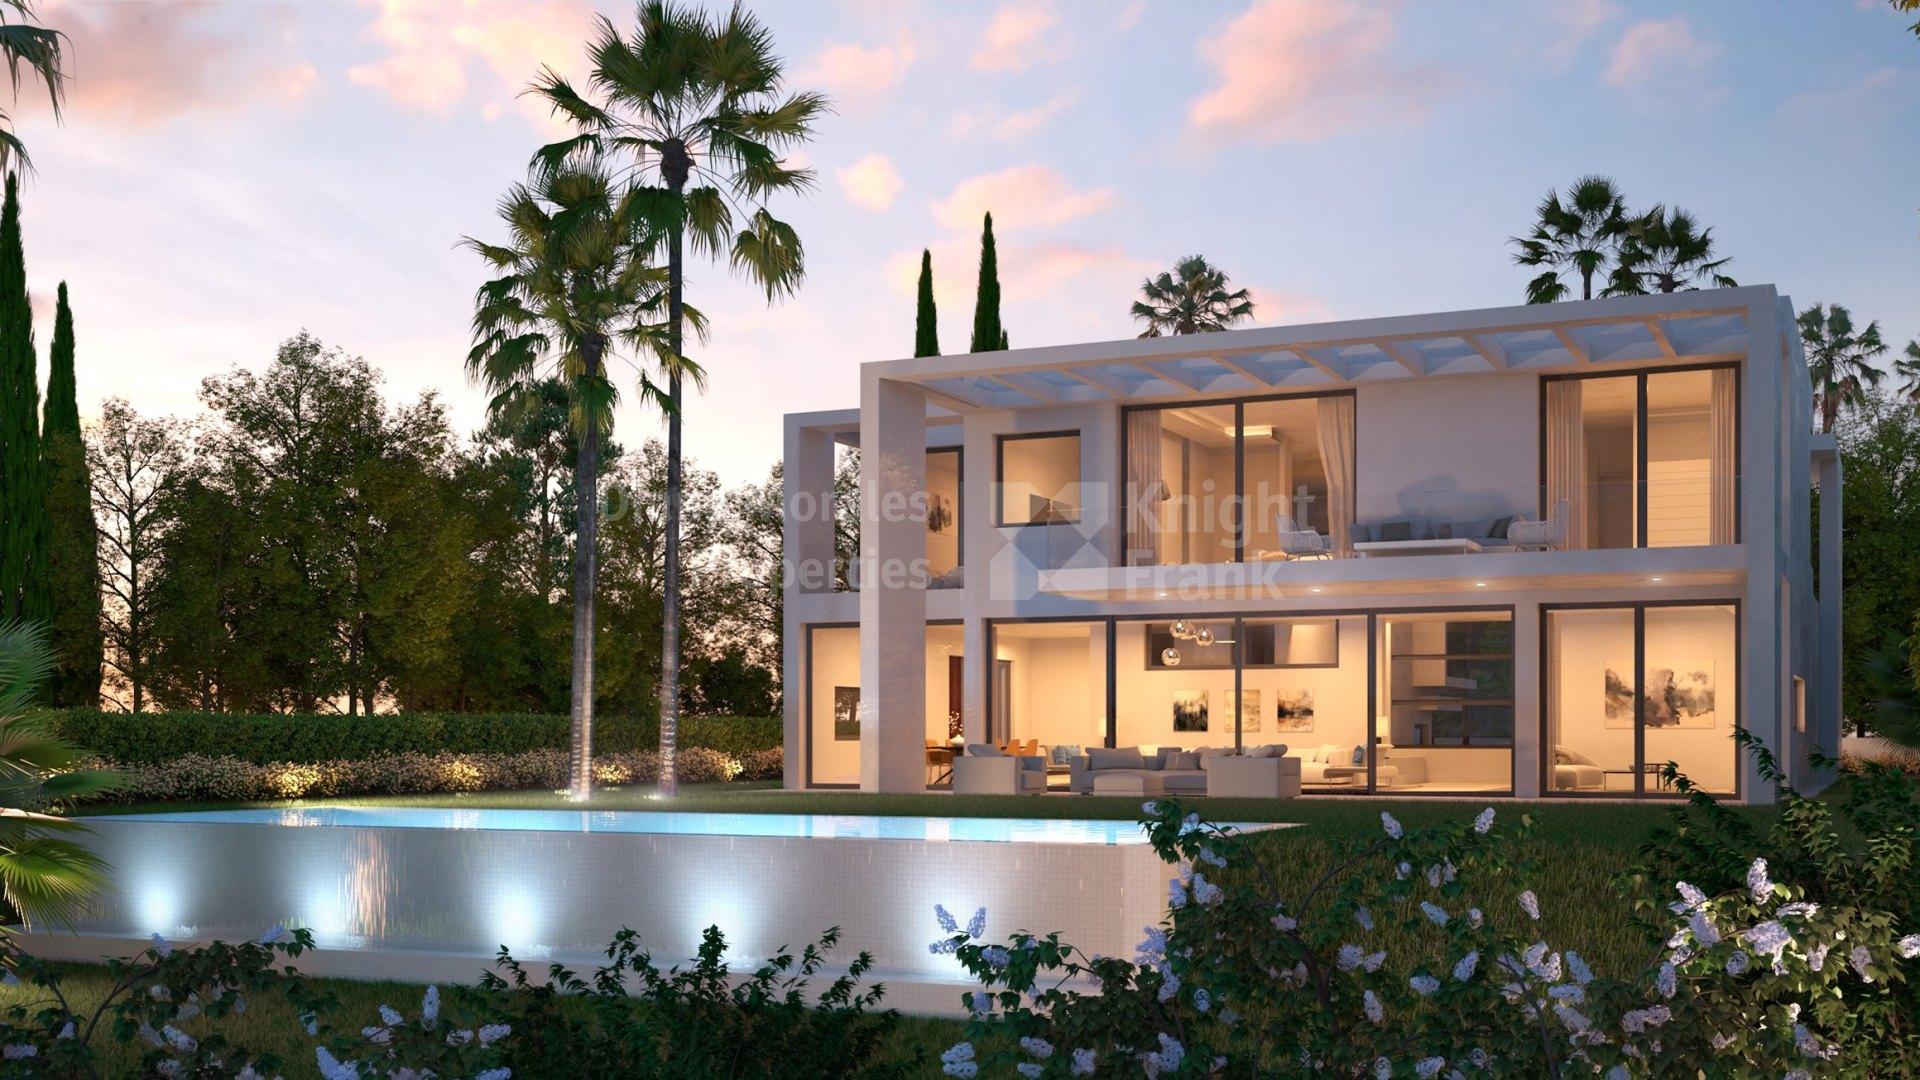 Casa de estilo moderno en santa clara golf villa en - Domotica marbella ...